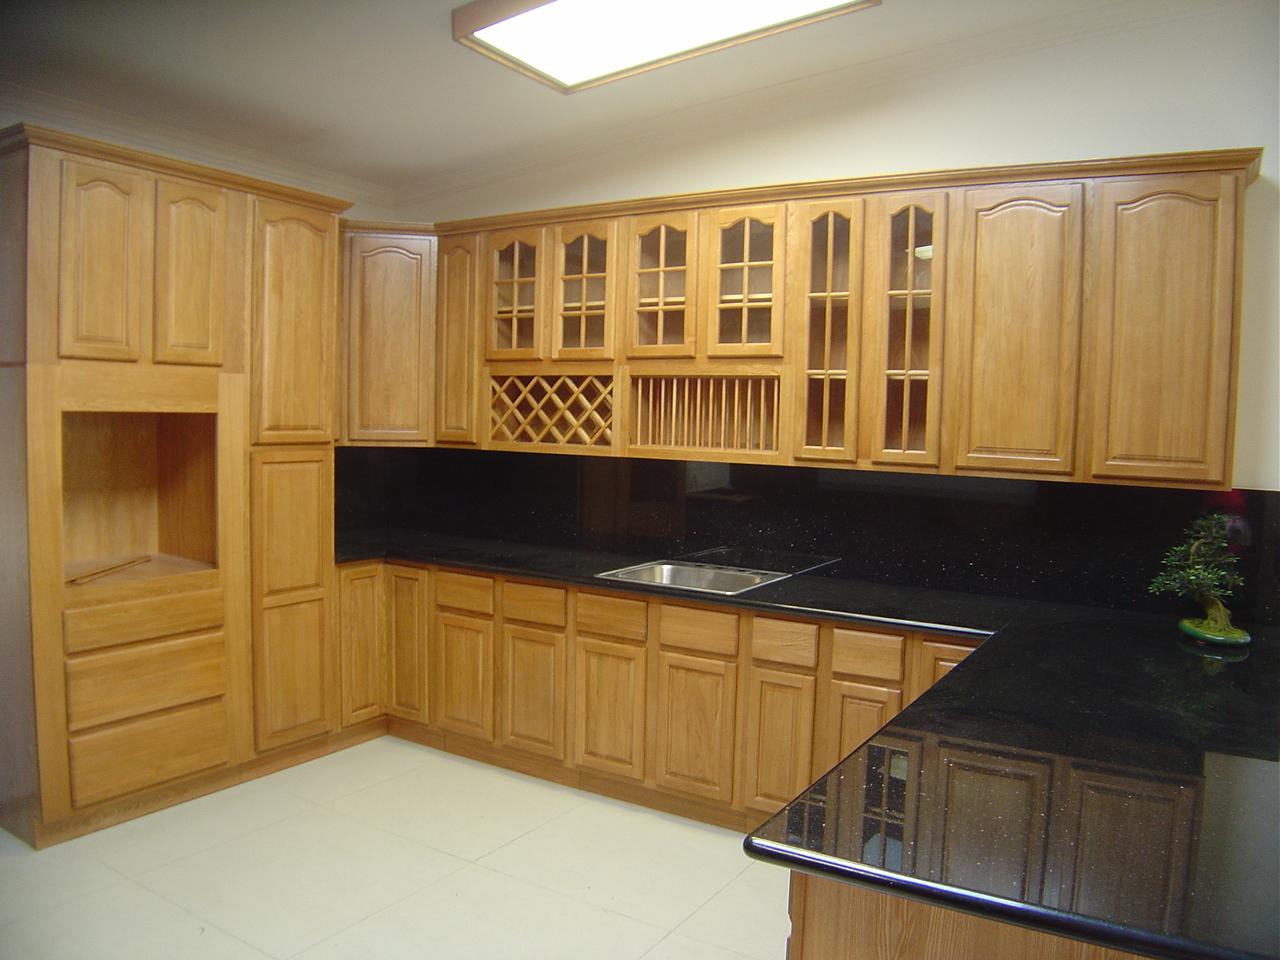 Black appliances in kitchen Photo - 12